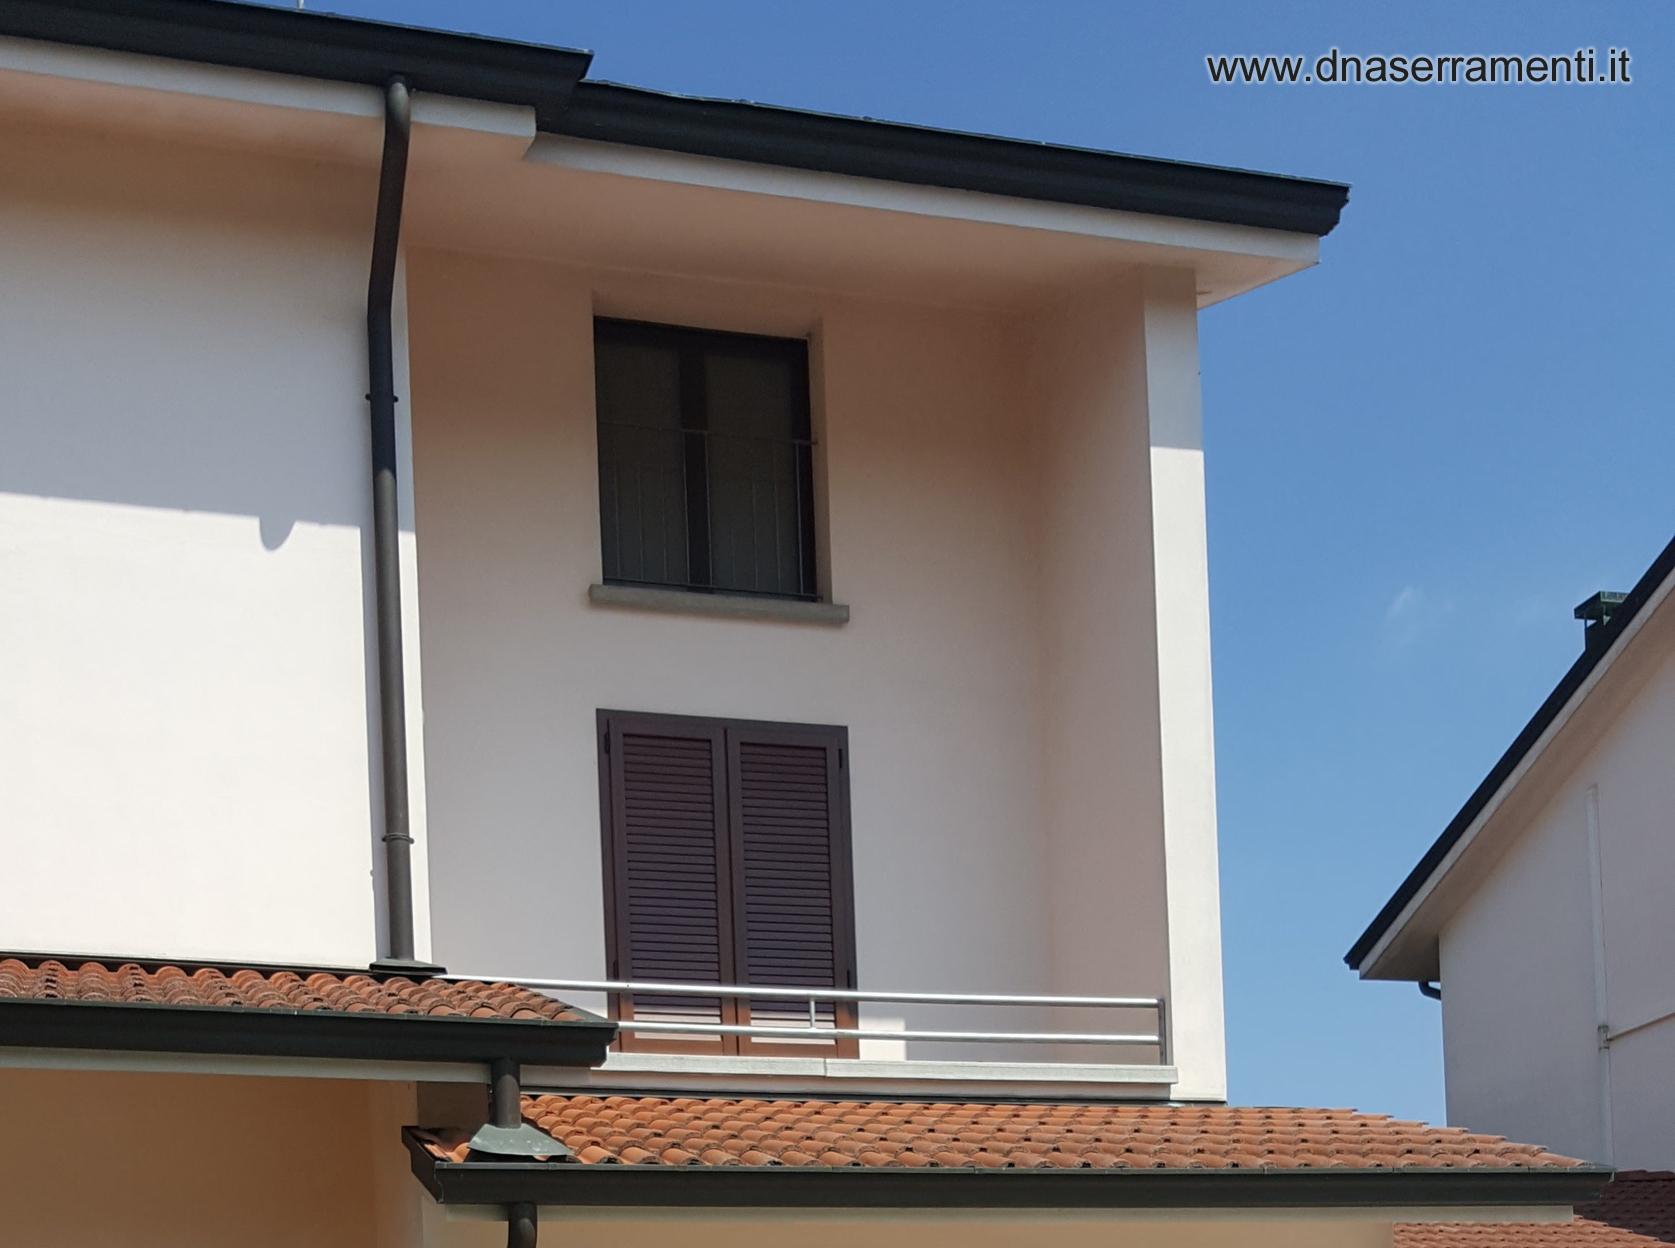 Dna serramenti finestre serramenti porte pellicole per - Vetri antiriflesso per finestre ...